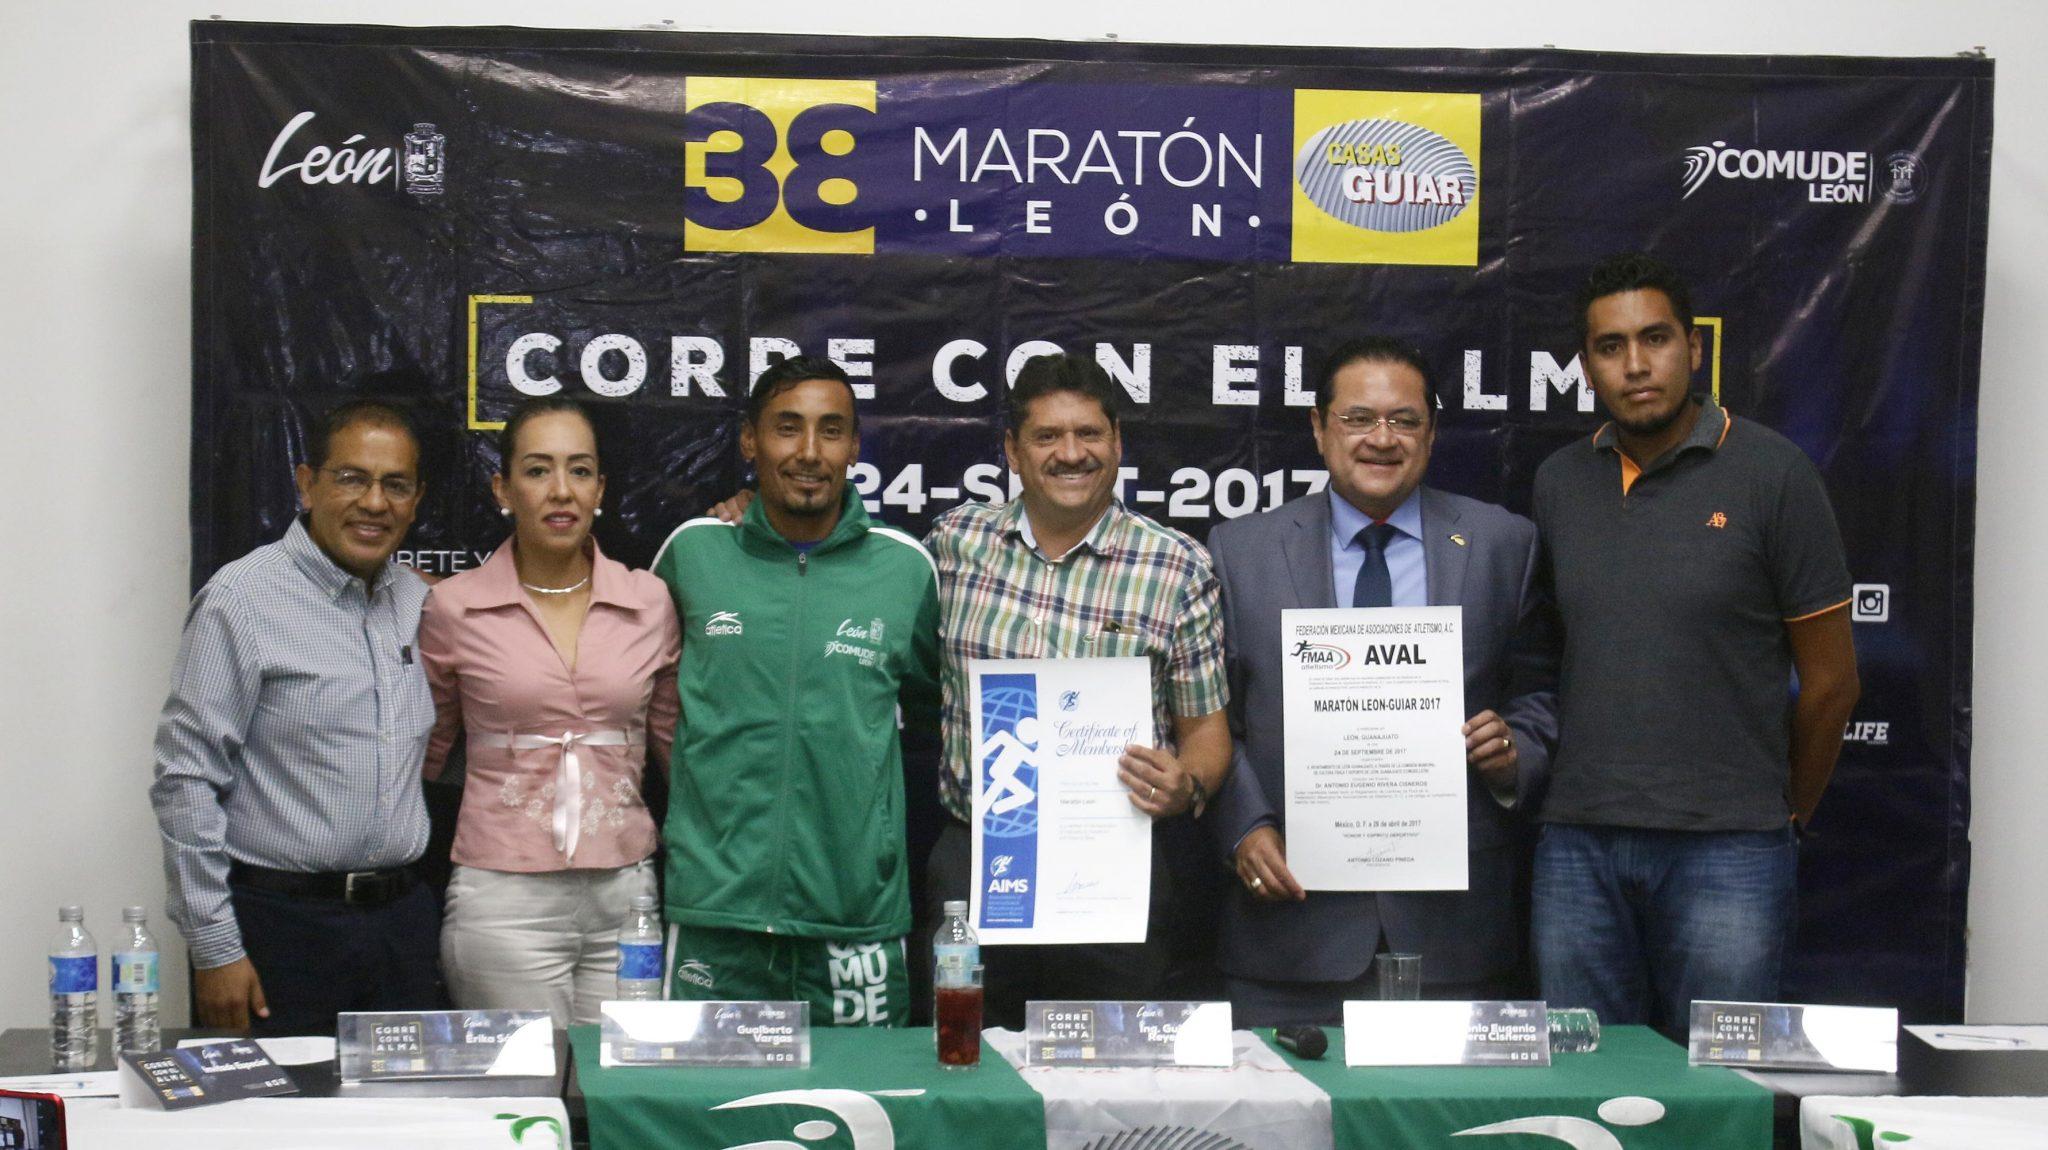 Presenta Comude León avales de FMAA y AIMS